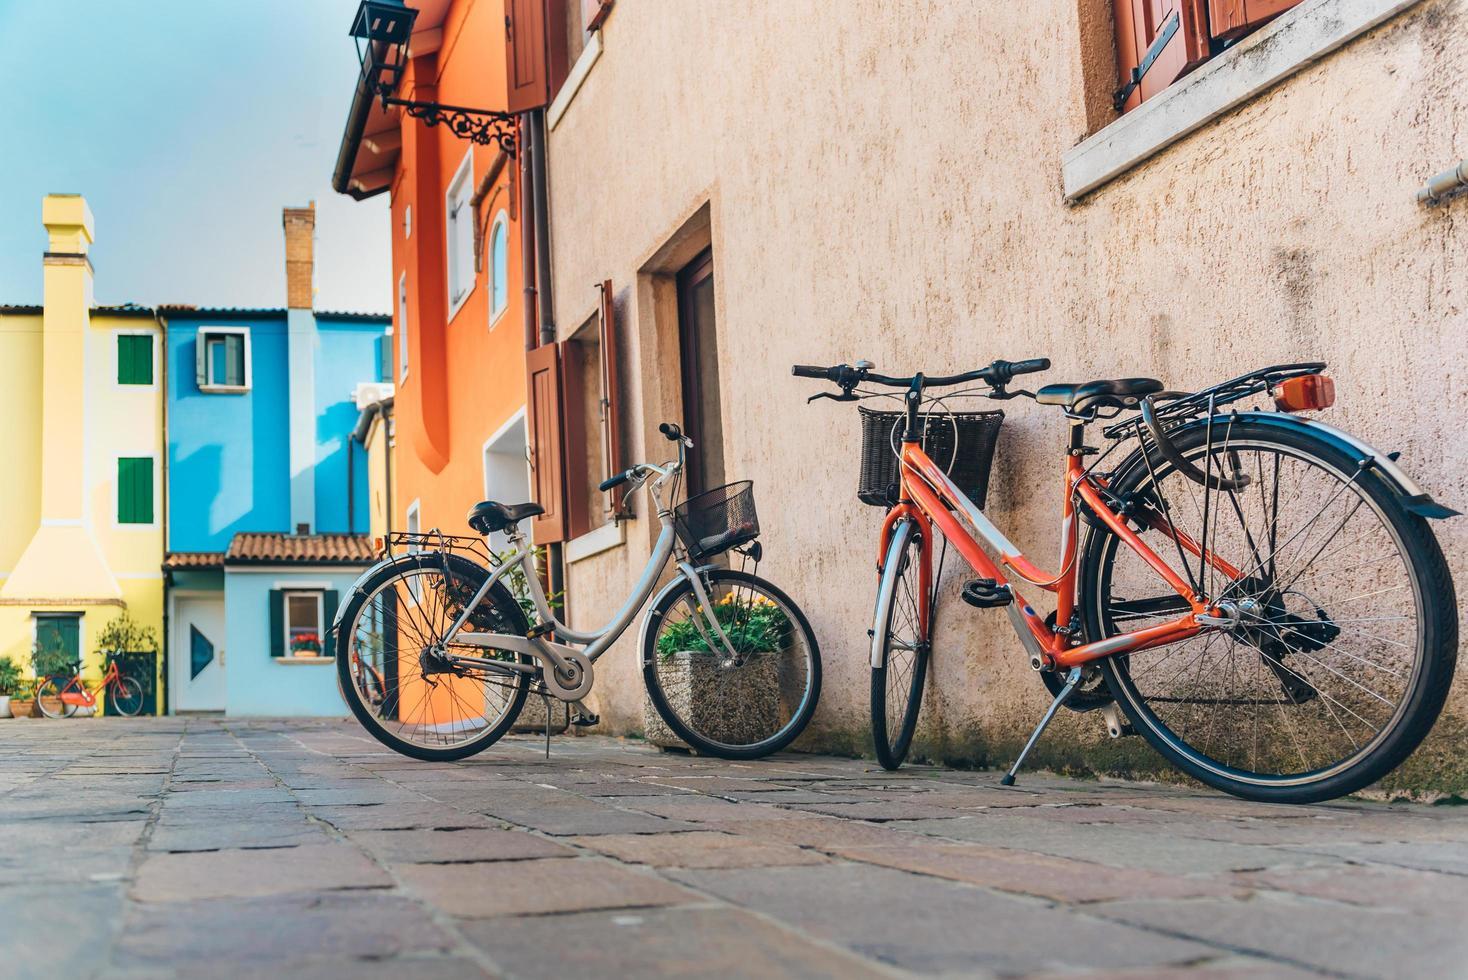 cyklar i turistområdet i den gamla provinsstaden i caorle i Italien foto